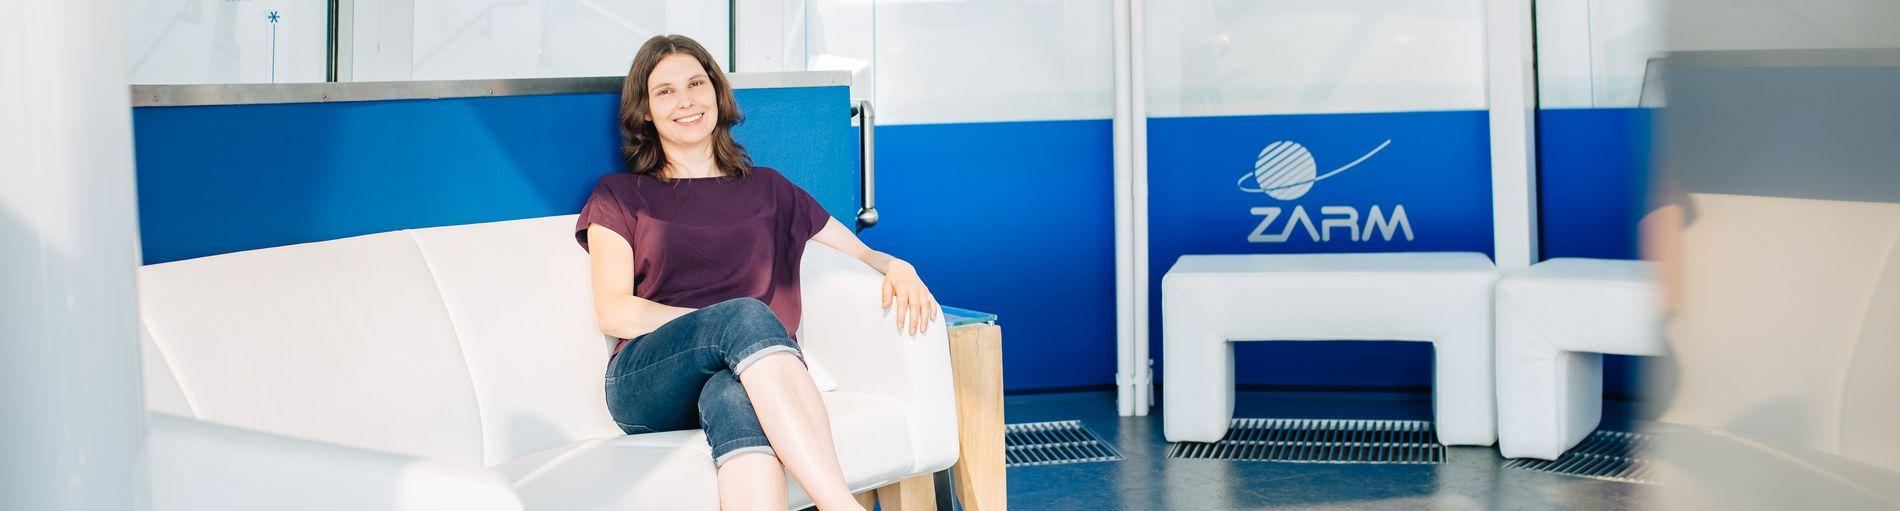 Eine Frau sitzt auf einem weißen Sofa